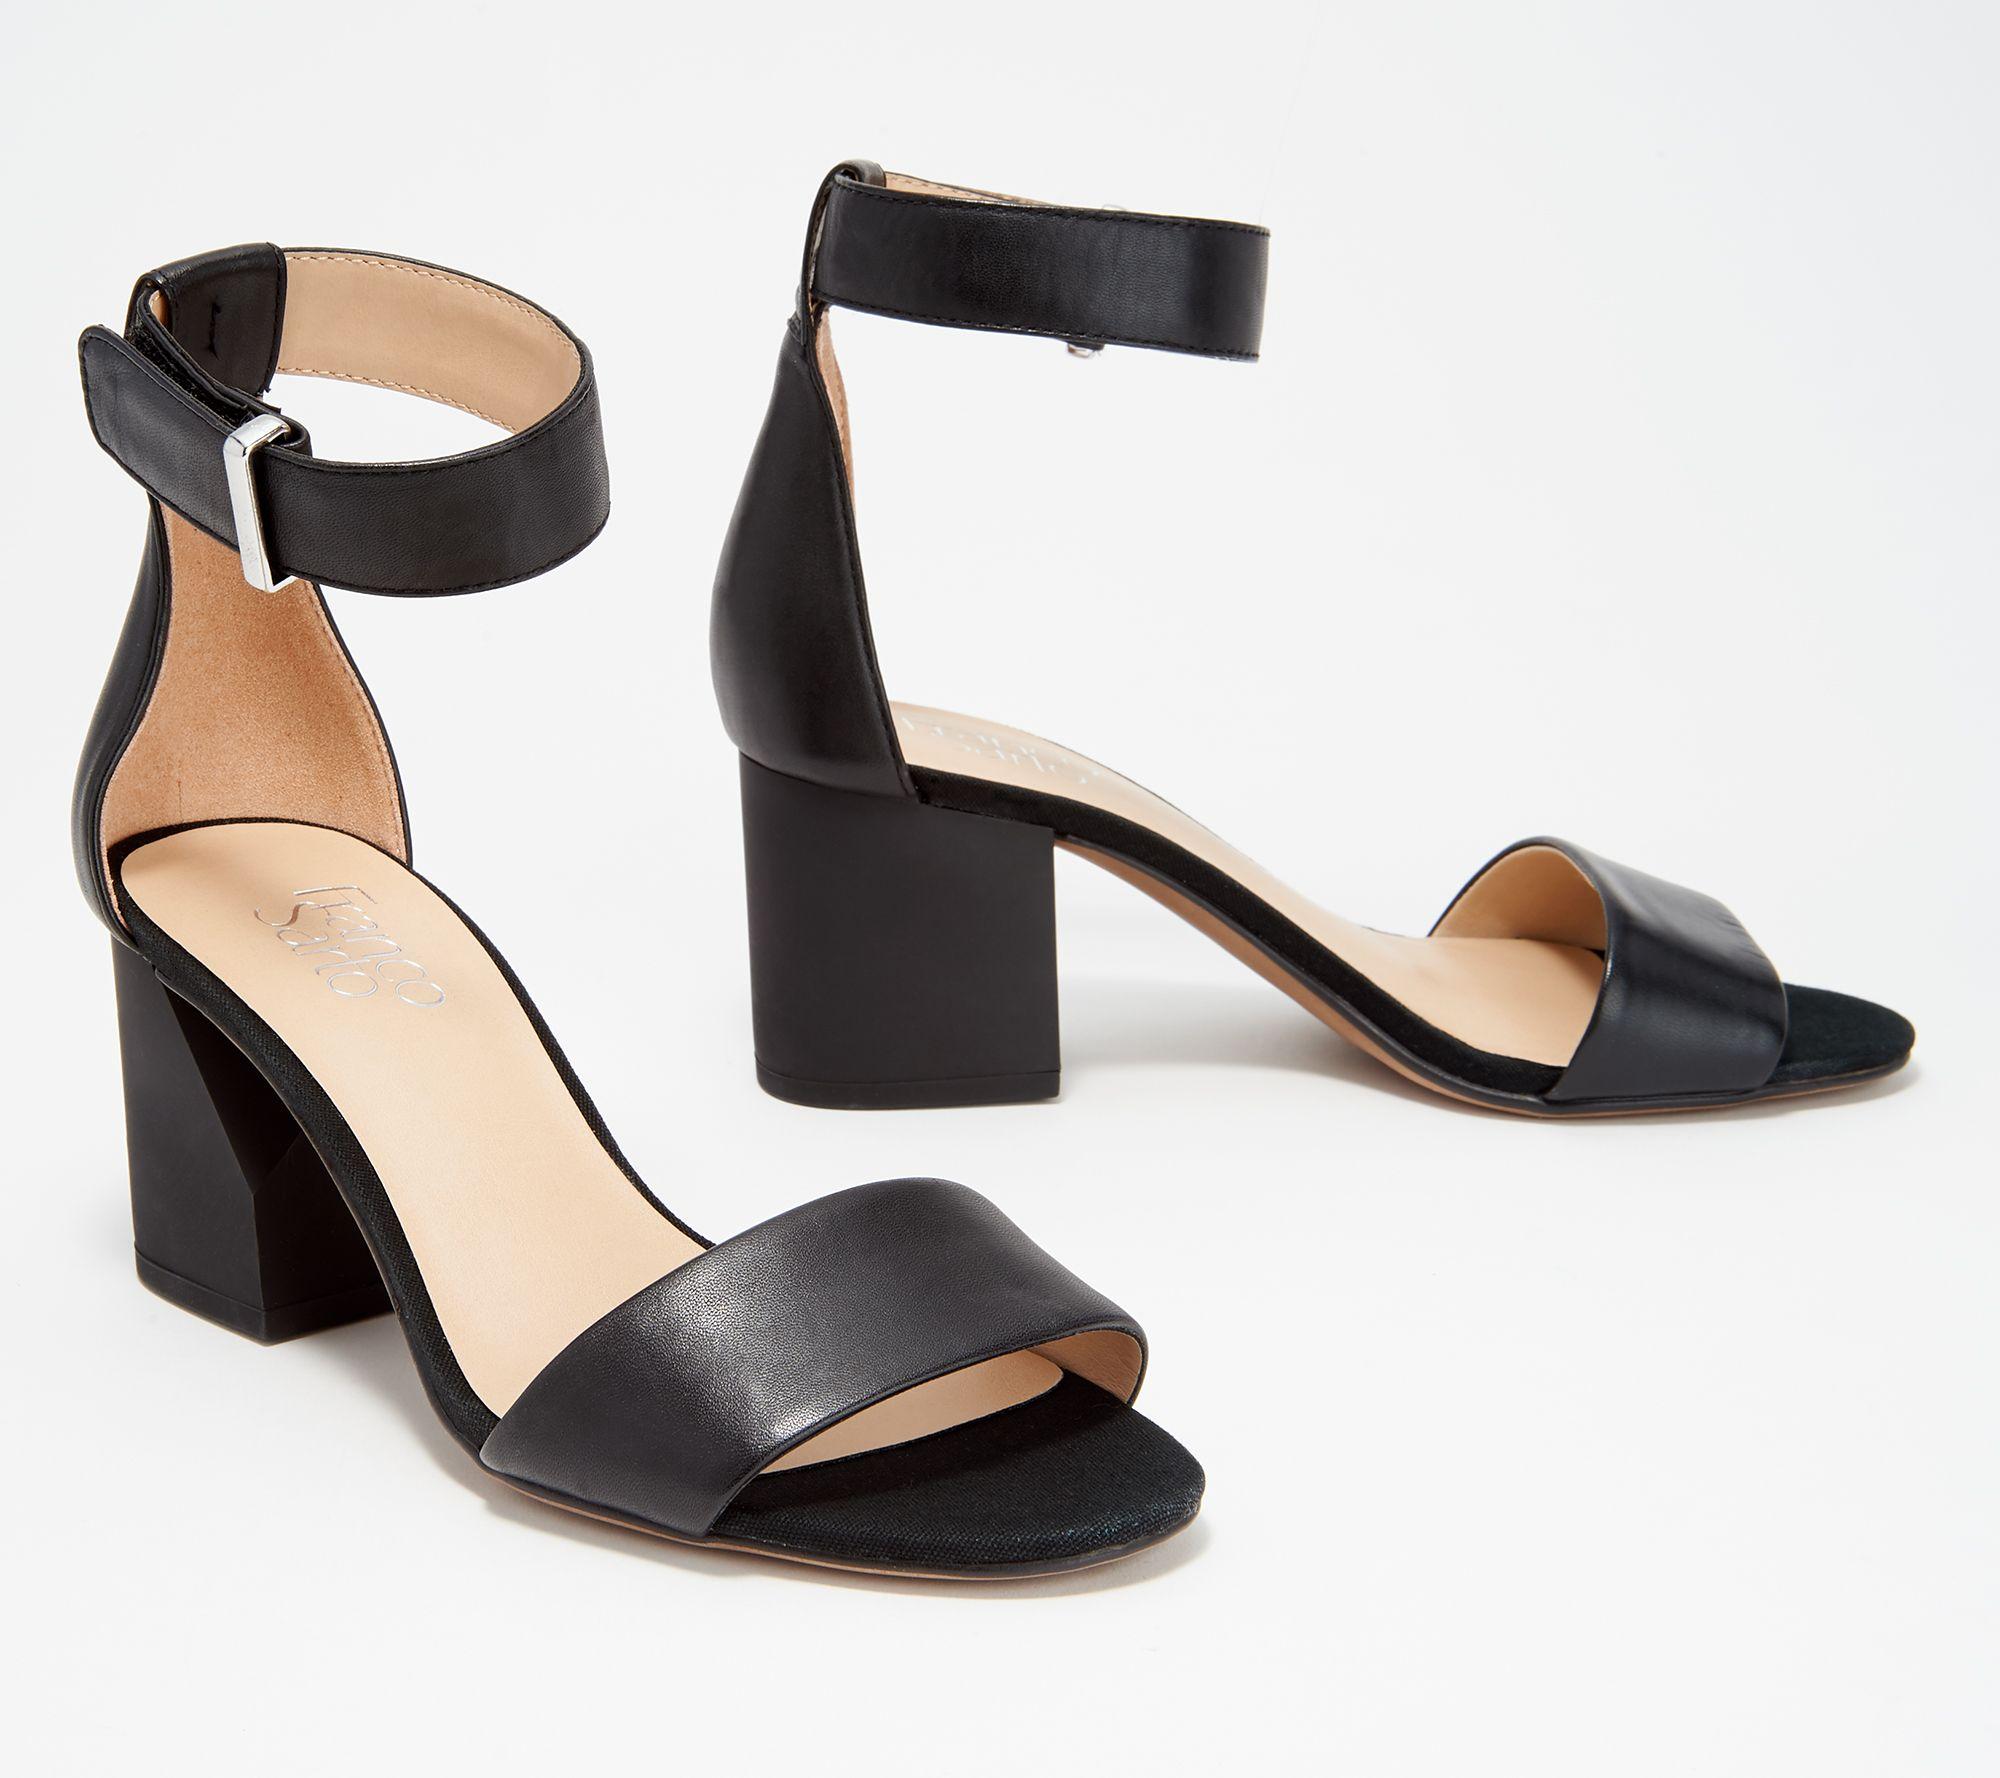 4ed2e009e9 Franco Sarto Suede or Leather Block Heeled Sandals- Miranda — QVC.com